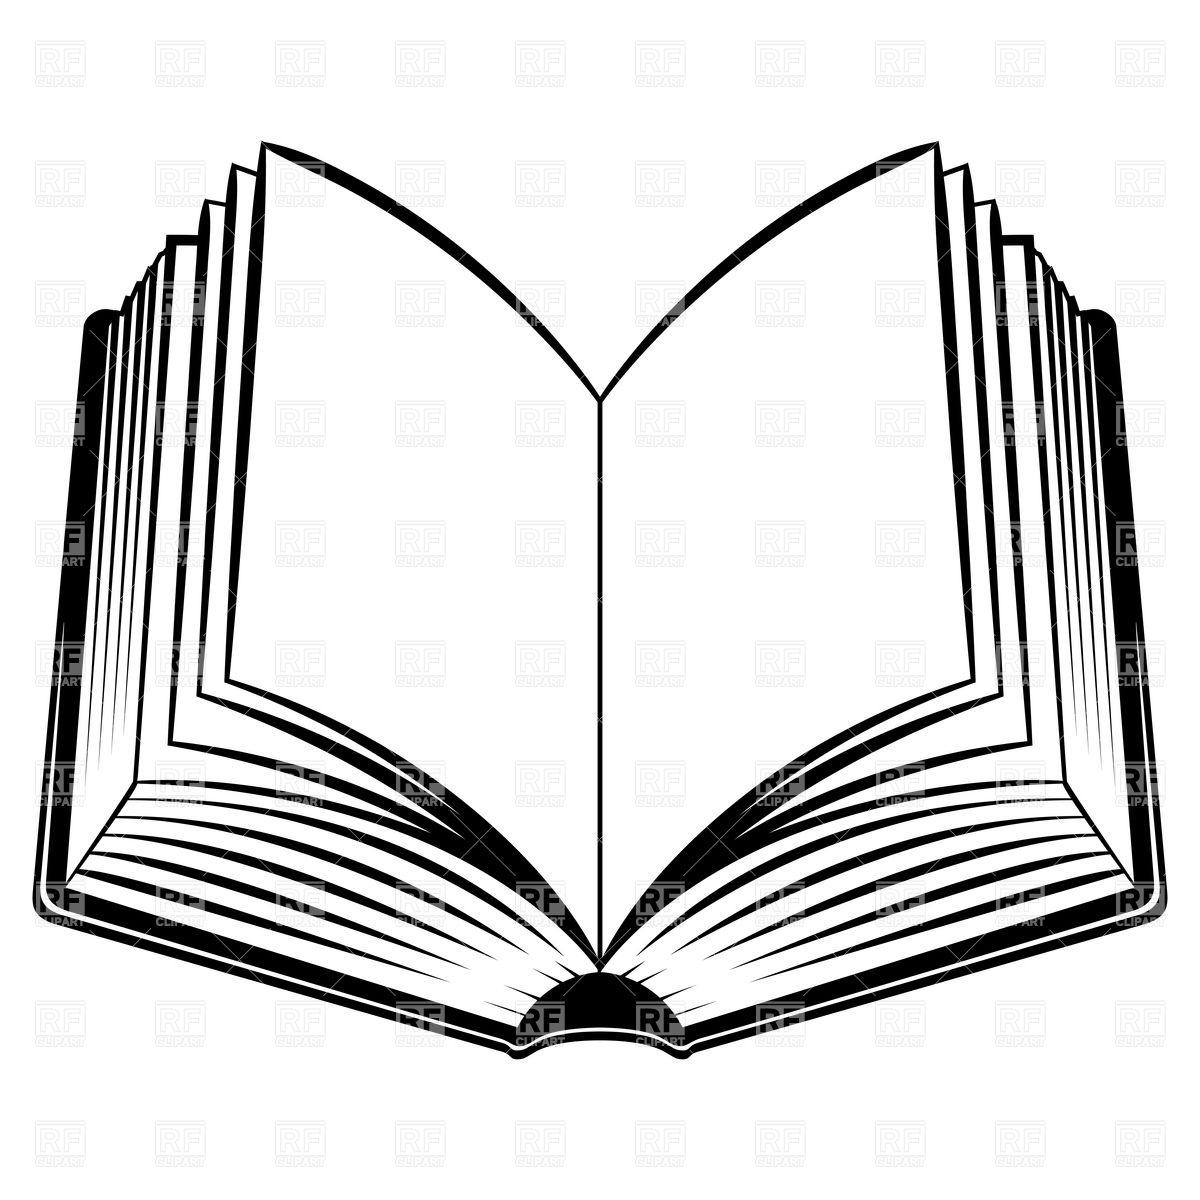 Open Book Openbook Art Clipart